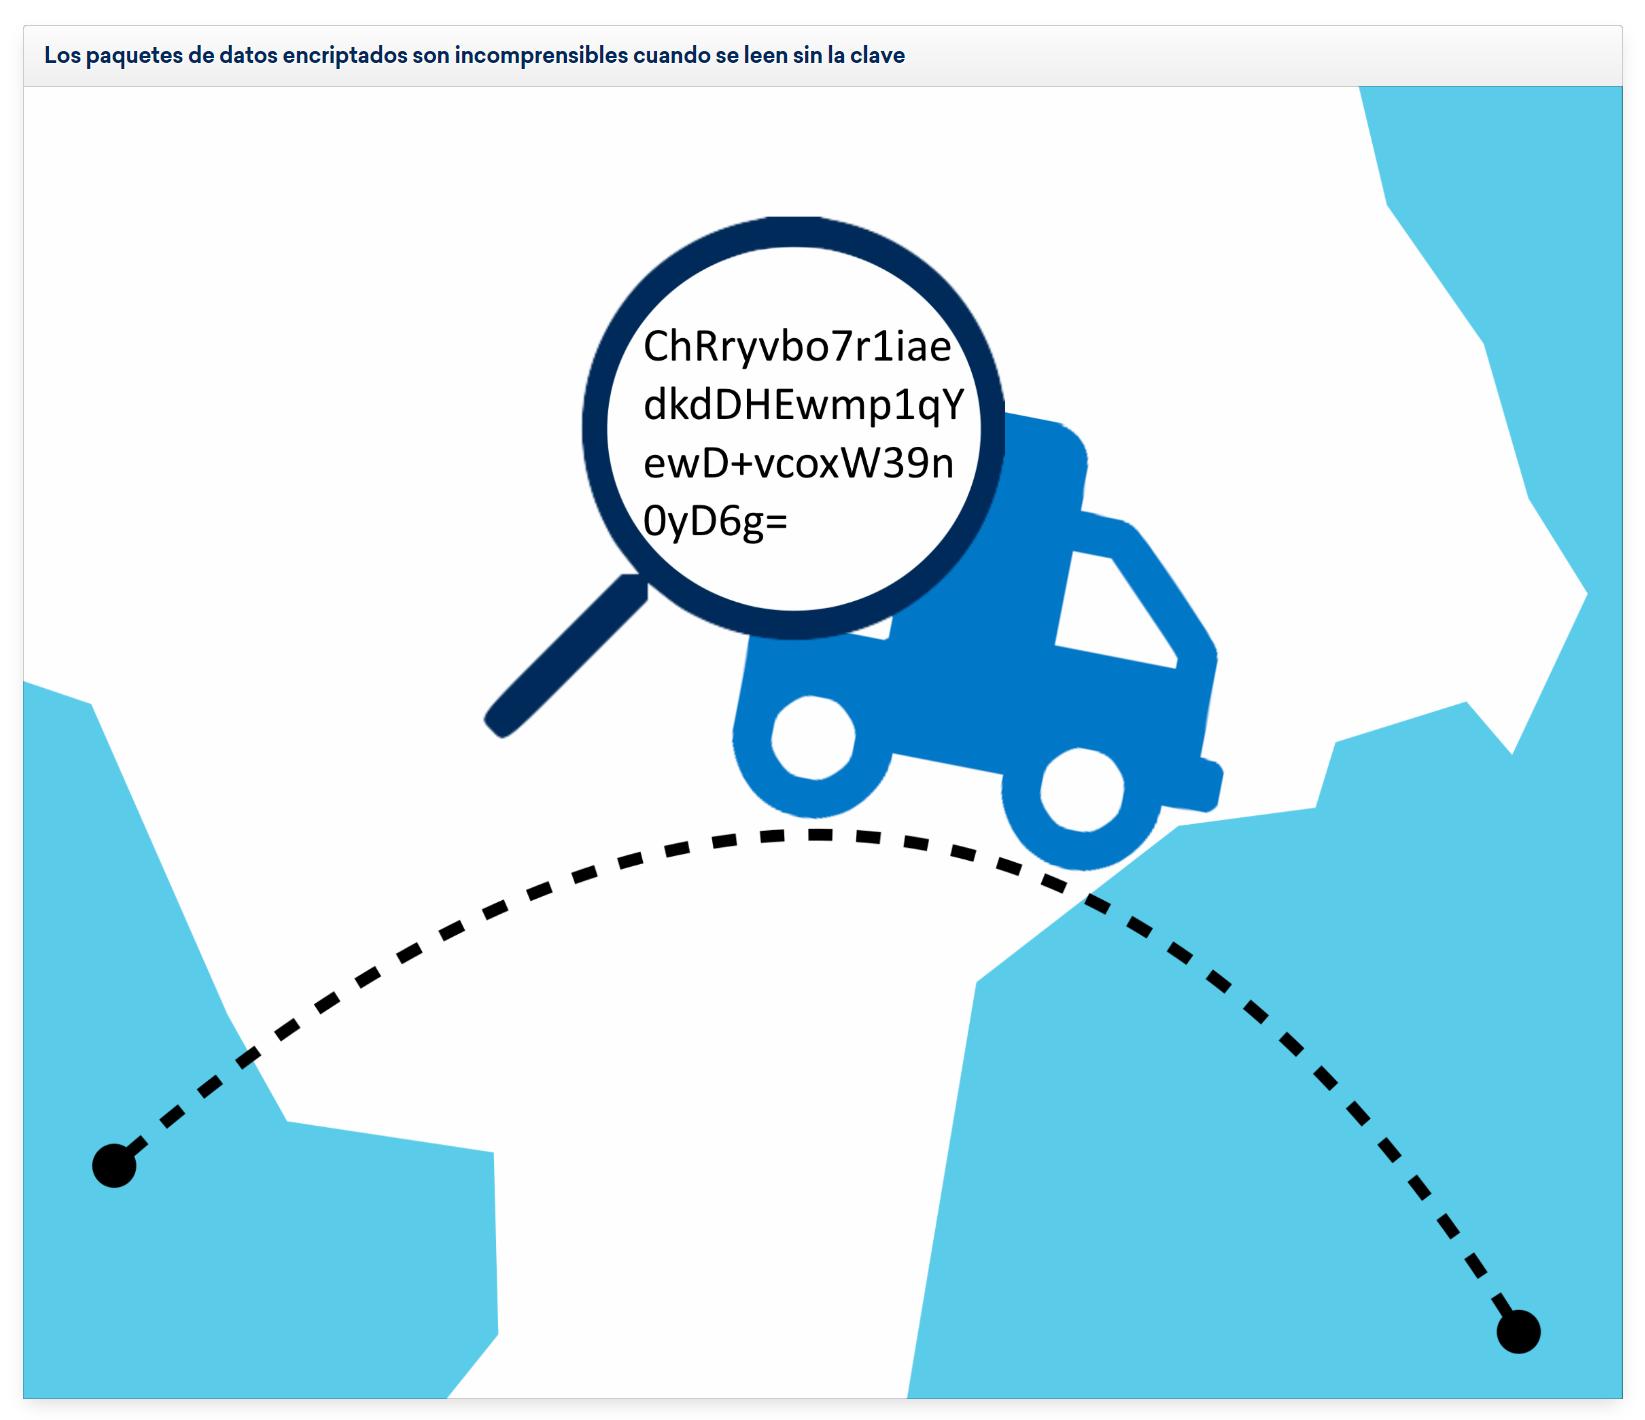 Explicación visual de la lectura de paquetes de datos encriptados si no se posee la clave de acceso